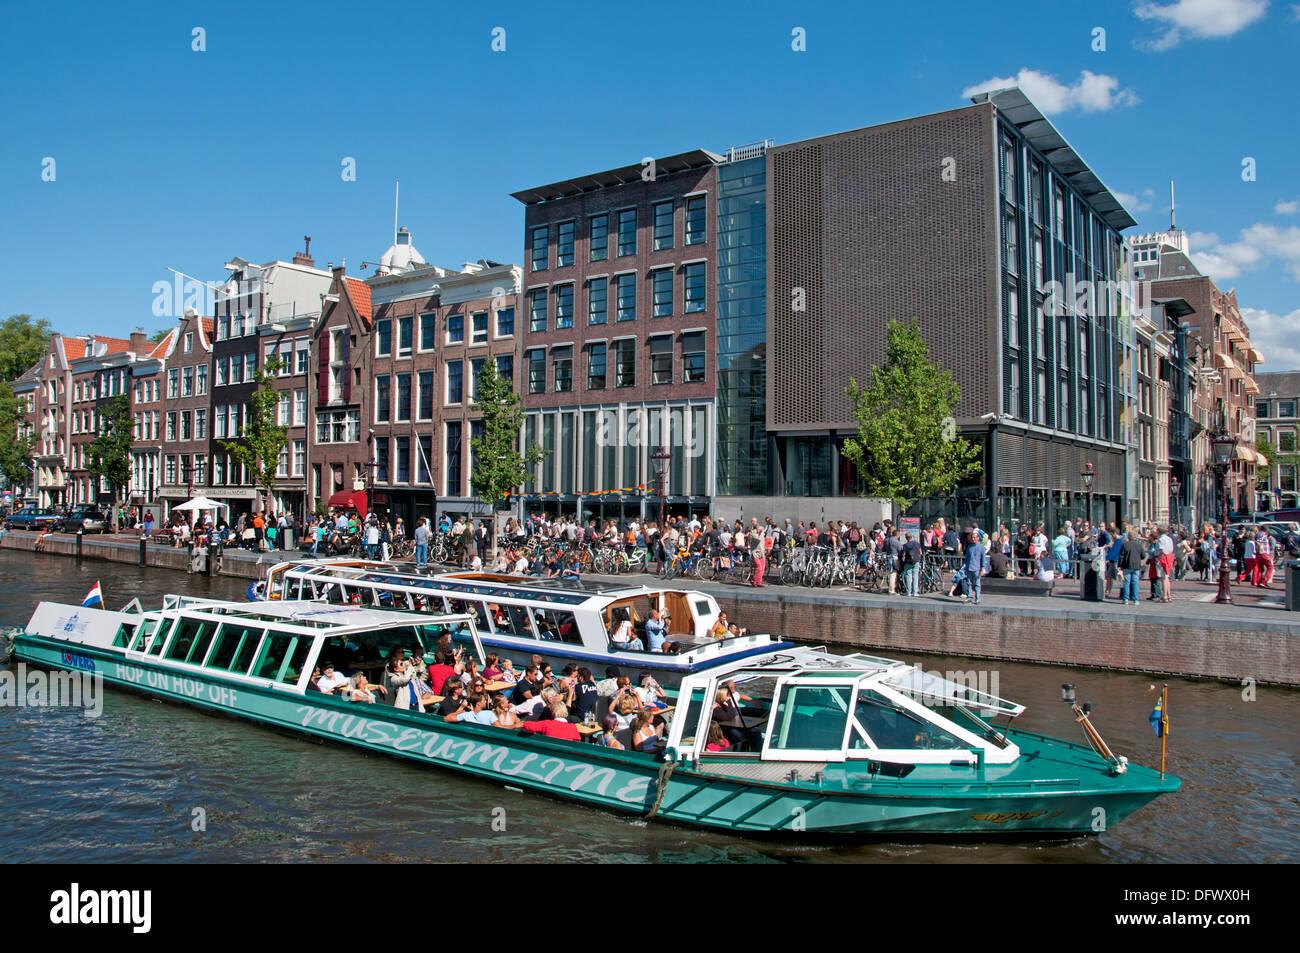 Il Museo di Anna Frank ( sinistro vecchia casa di Prinsengracht ) 263-265 Amsterdam Paesi Bassi ( museo dedicato alla guerra giudaica diarist ) Foto Stock